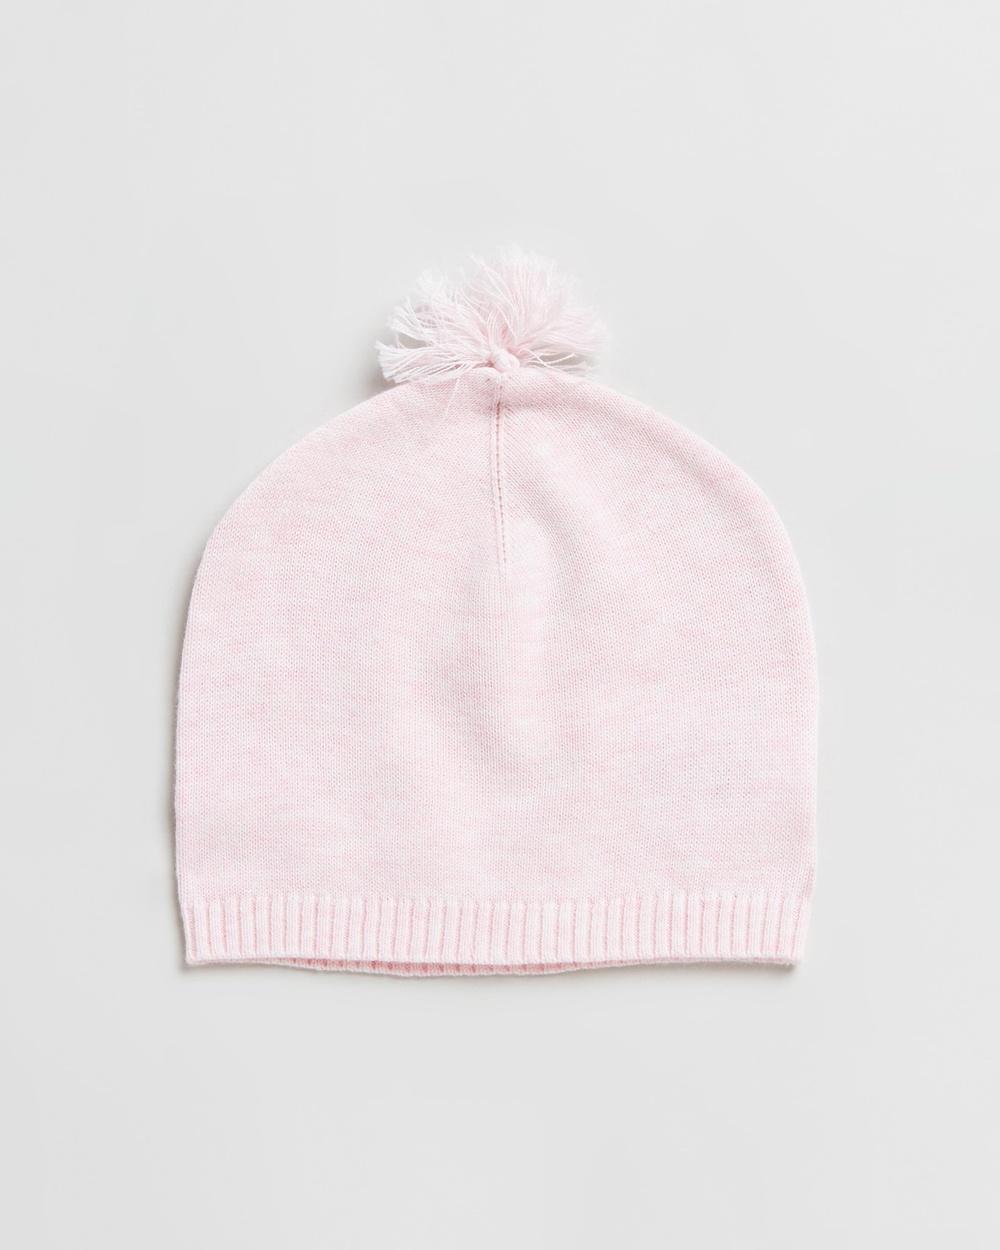 Purebaby Essentials Newborn Beanie Babies Headwear Pale Pink